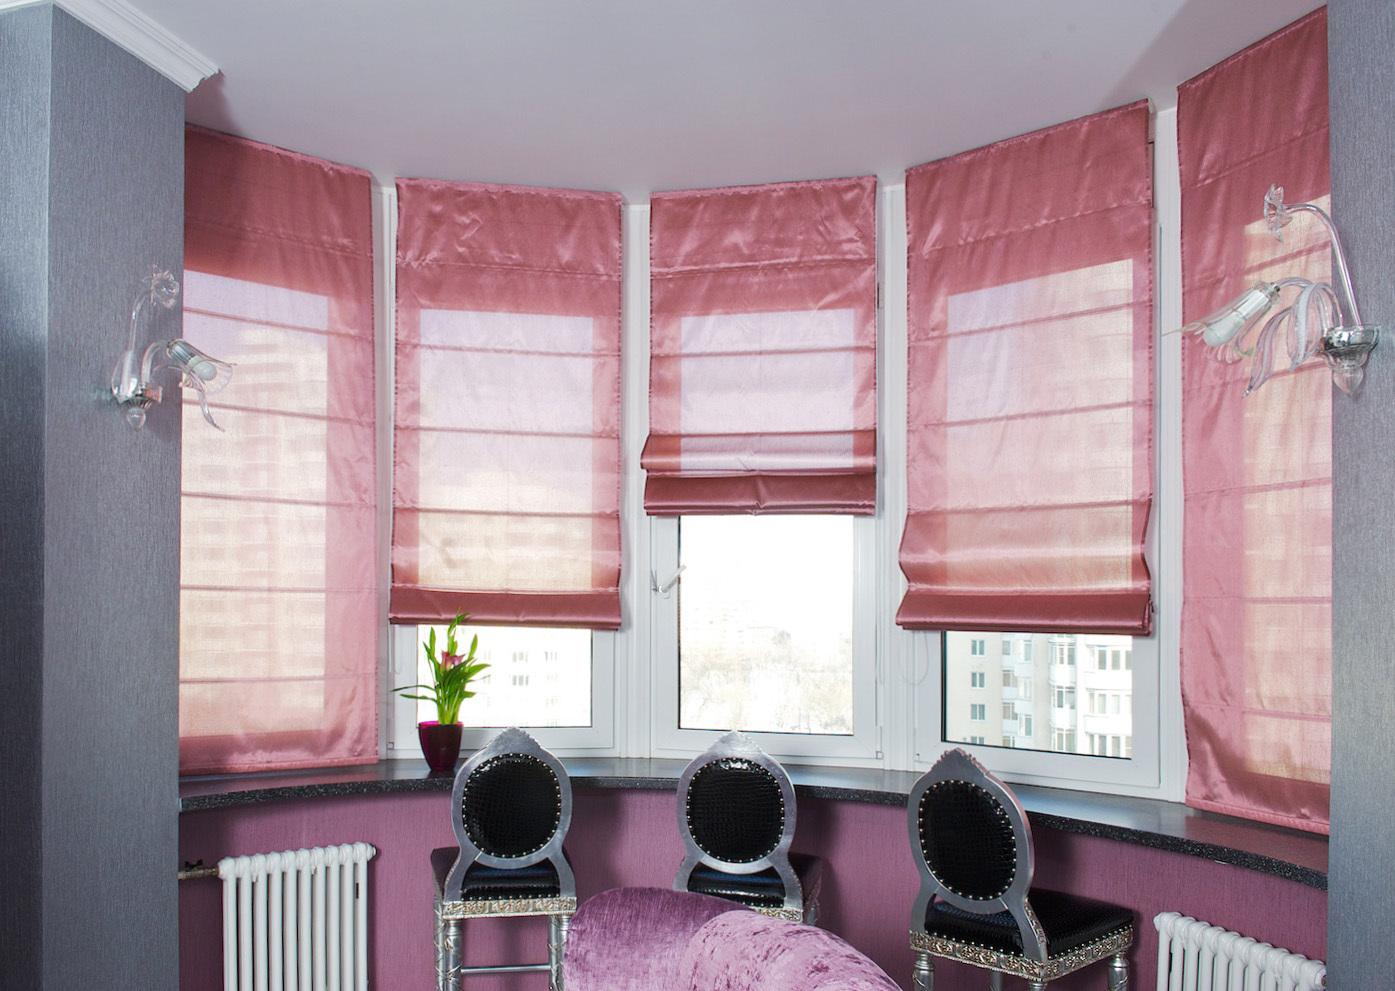 Функционально римская штора используется в дизайне окон для защиты от солнца и яркого света, при этом не утяжеляя интерьер. С точки зрения декорирования, римская штора - интересный беспроигрышный вариант.